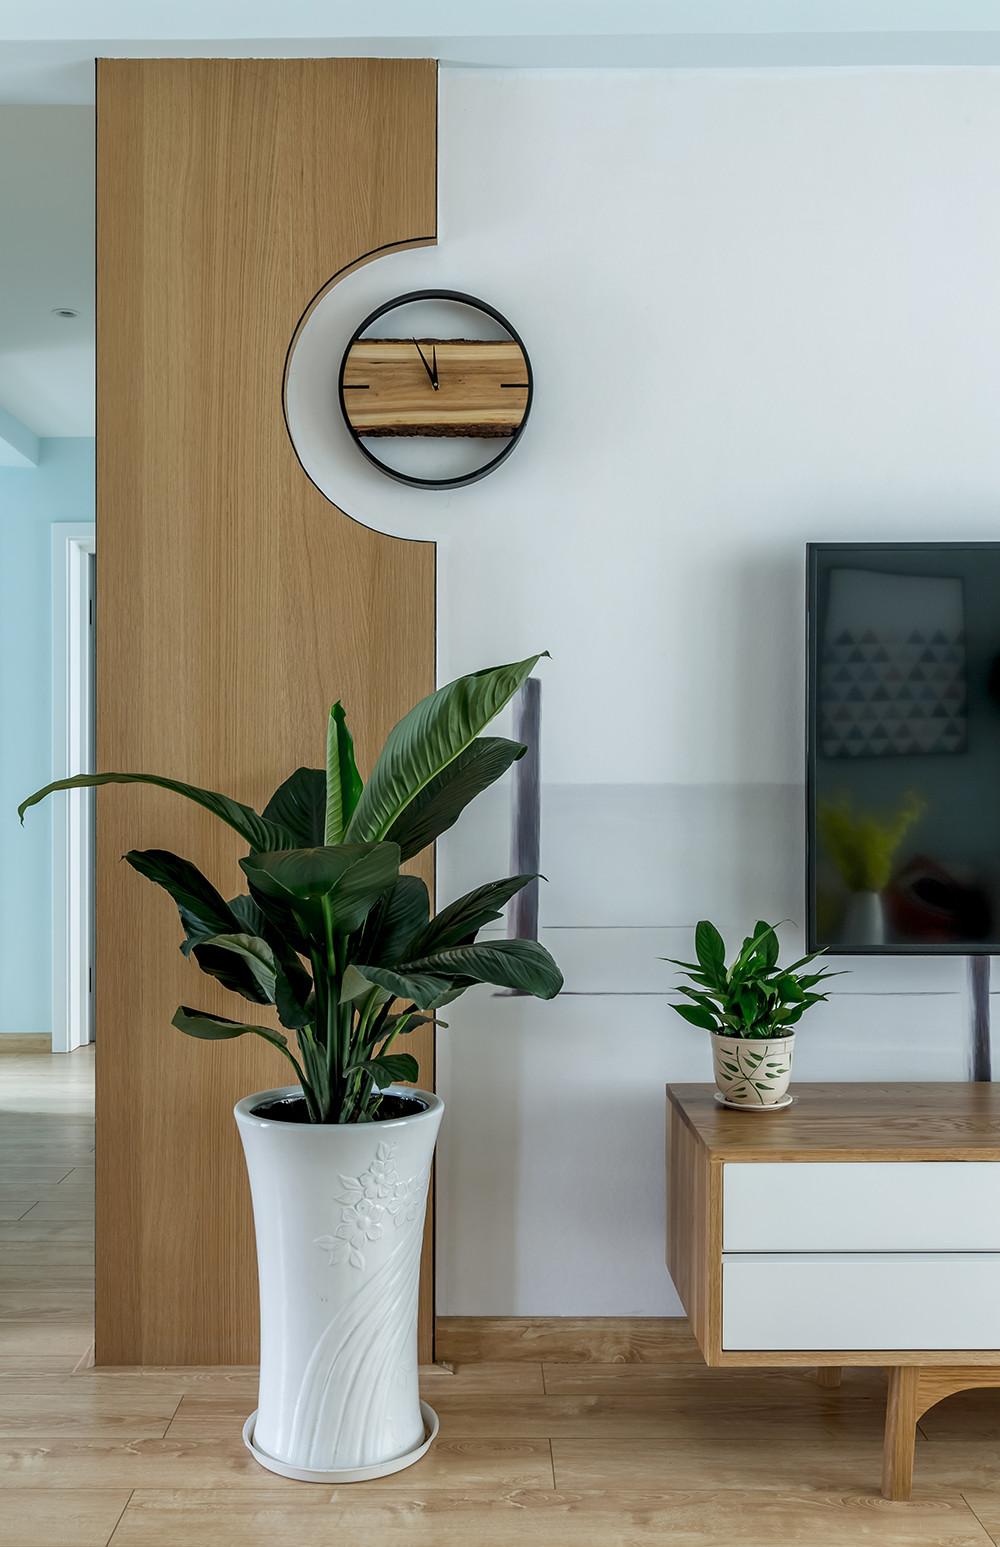 北欧三居装修装饰挂钟图片